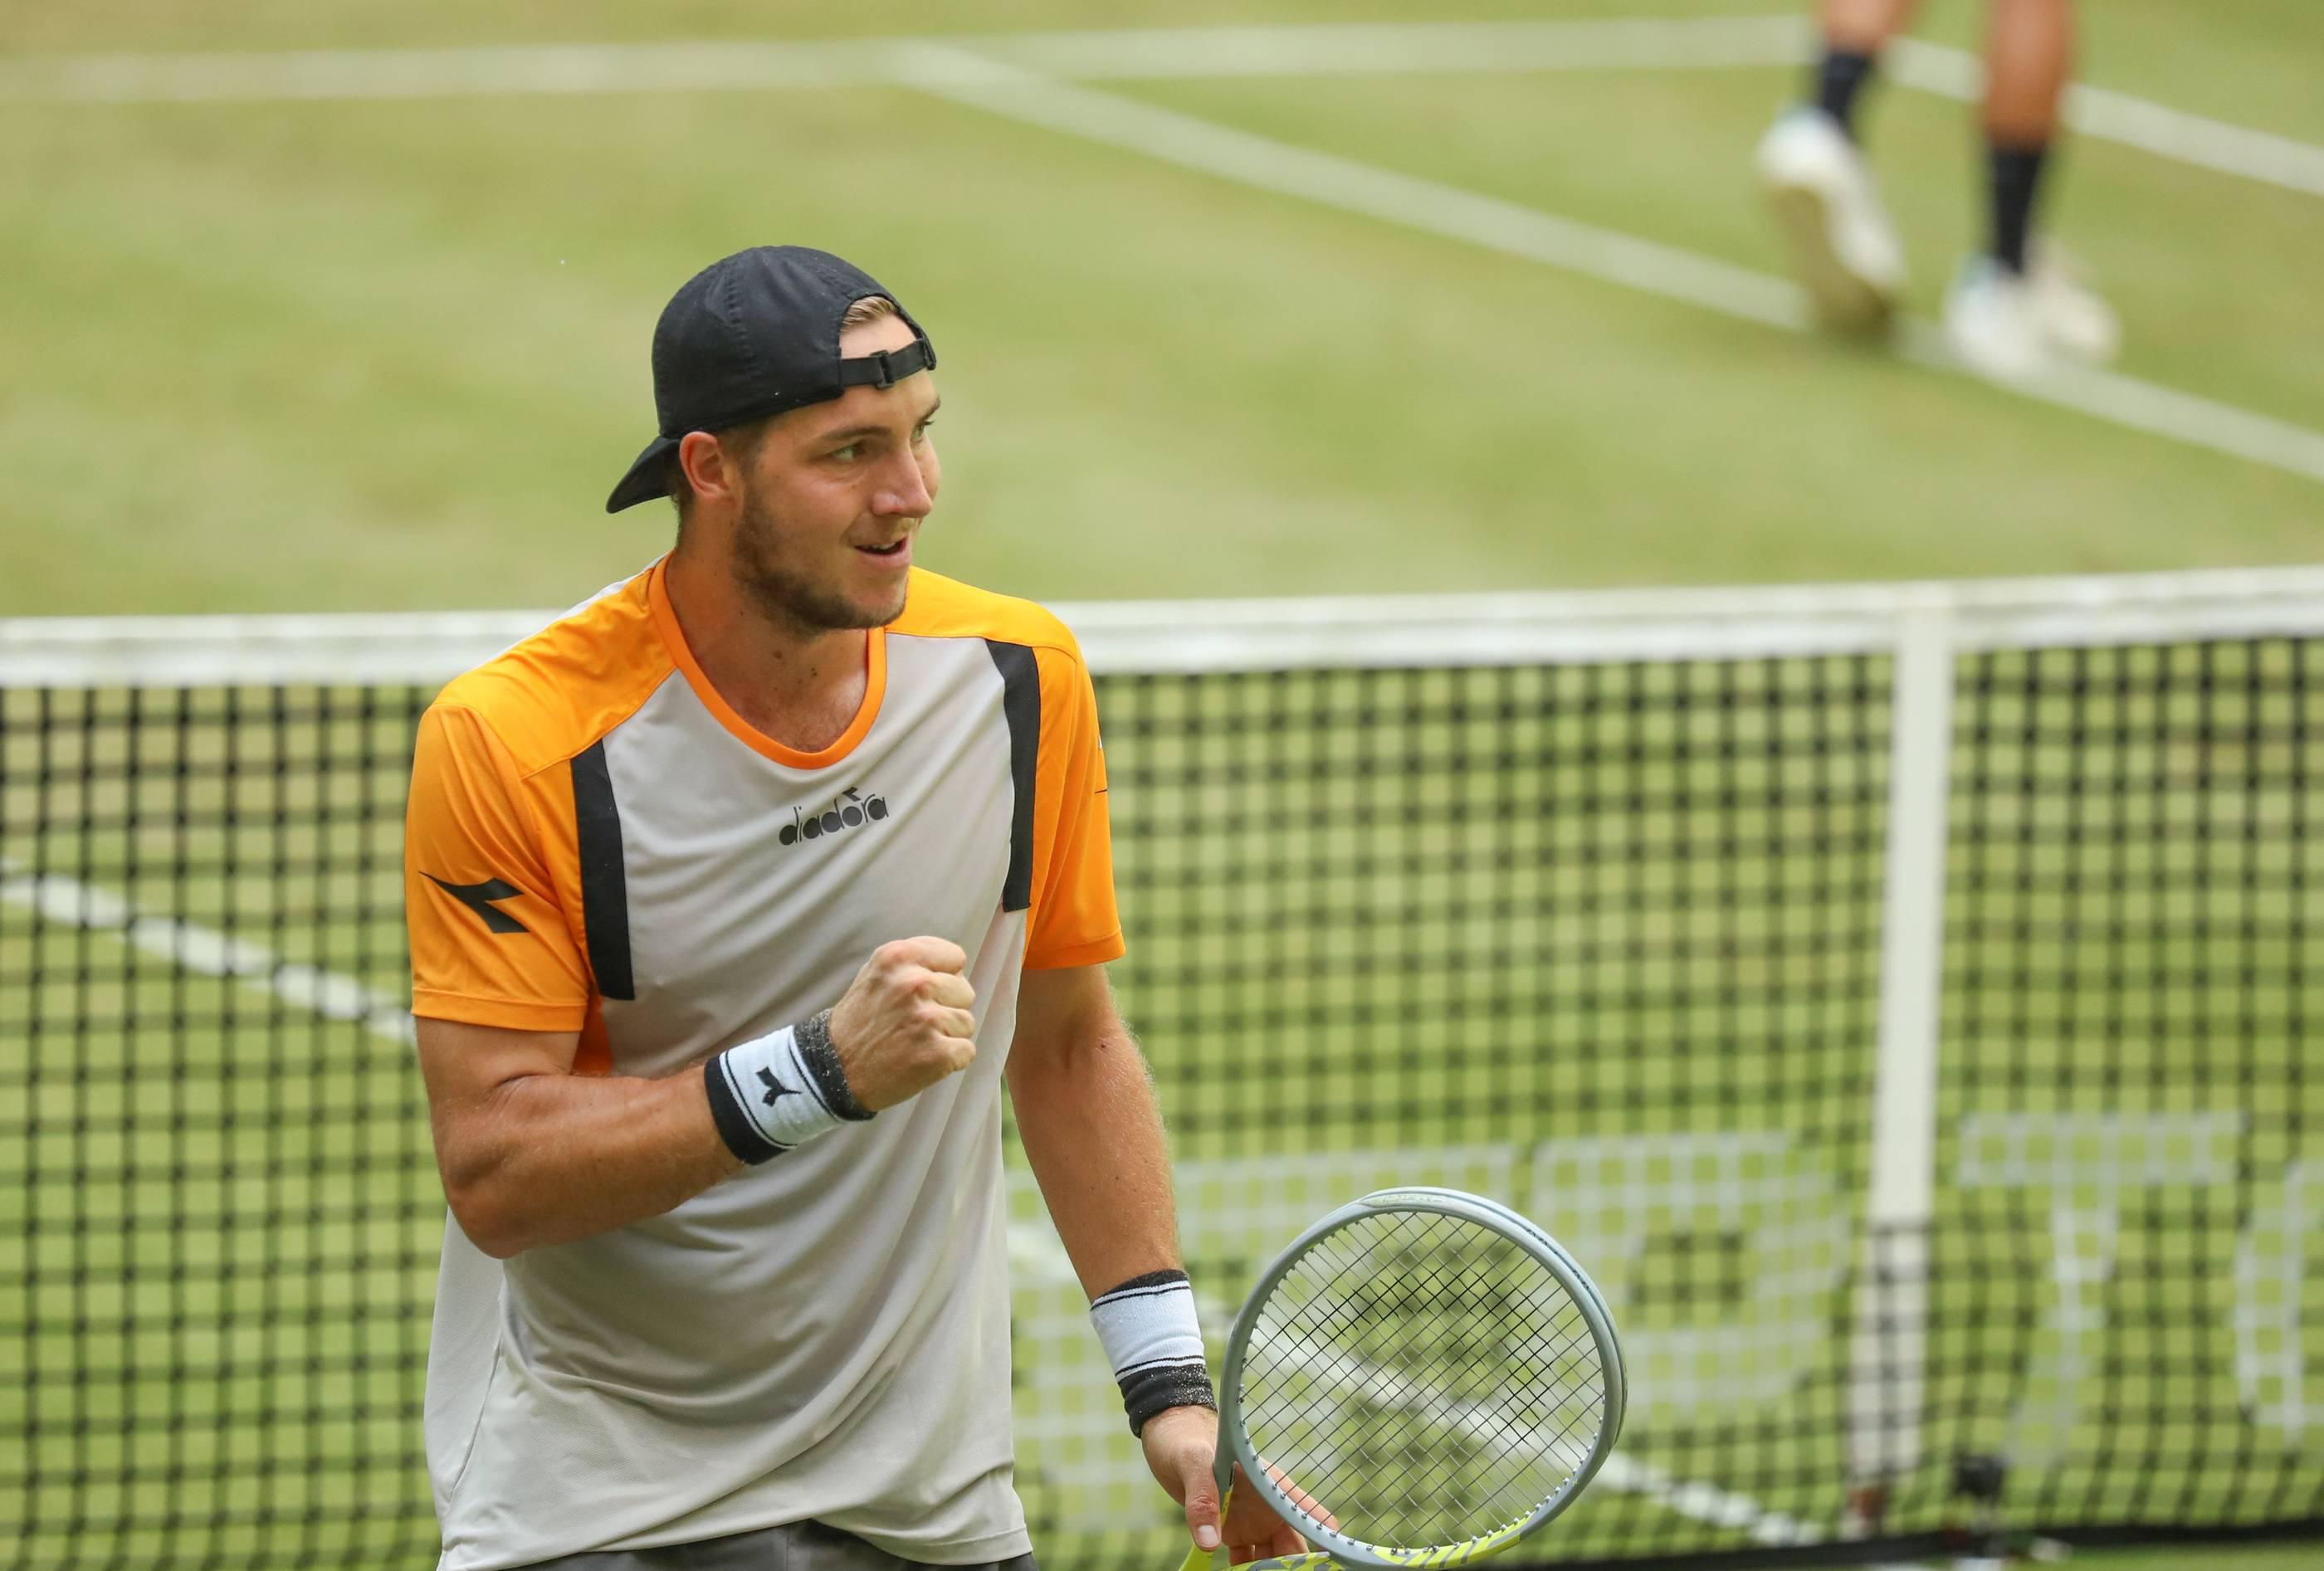 Wimbledon 2021: Die deutschen Spiele in der ersten Runde von Wimbledon –  Alexander Zverev, Angelique kerber, Novak Djokovic